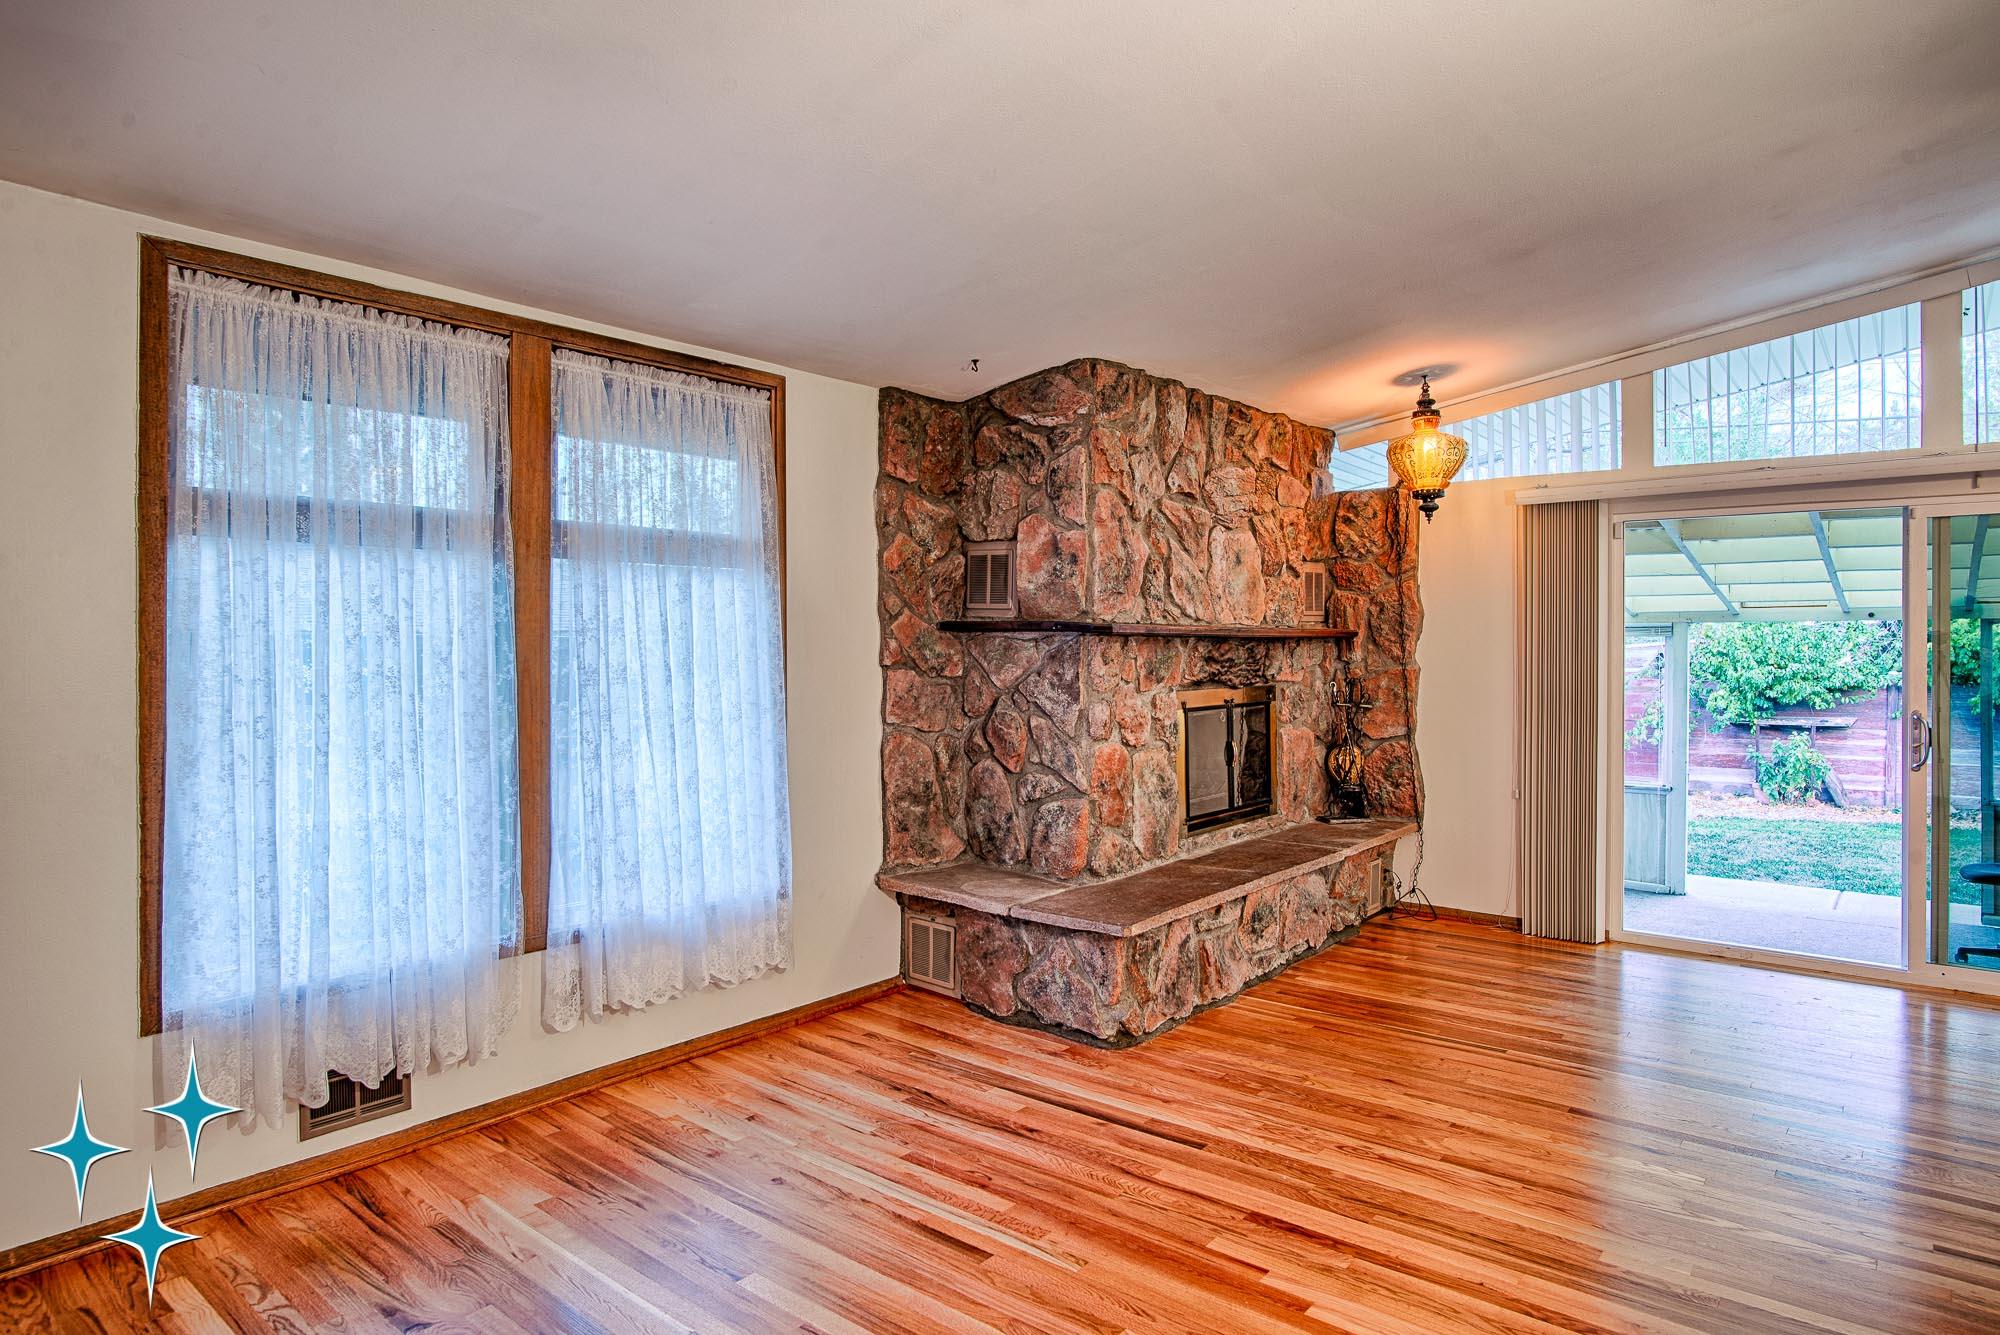 Adrian-Kinney-4155-W-Iliff-Avenue-Denver-r-Carey-Holiday-Home-2000w50-3SWM-30.jpg